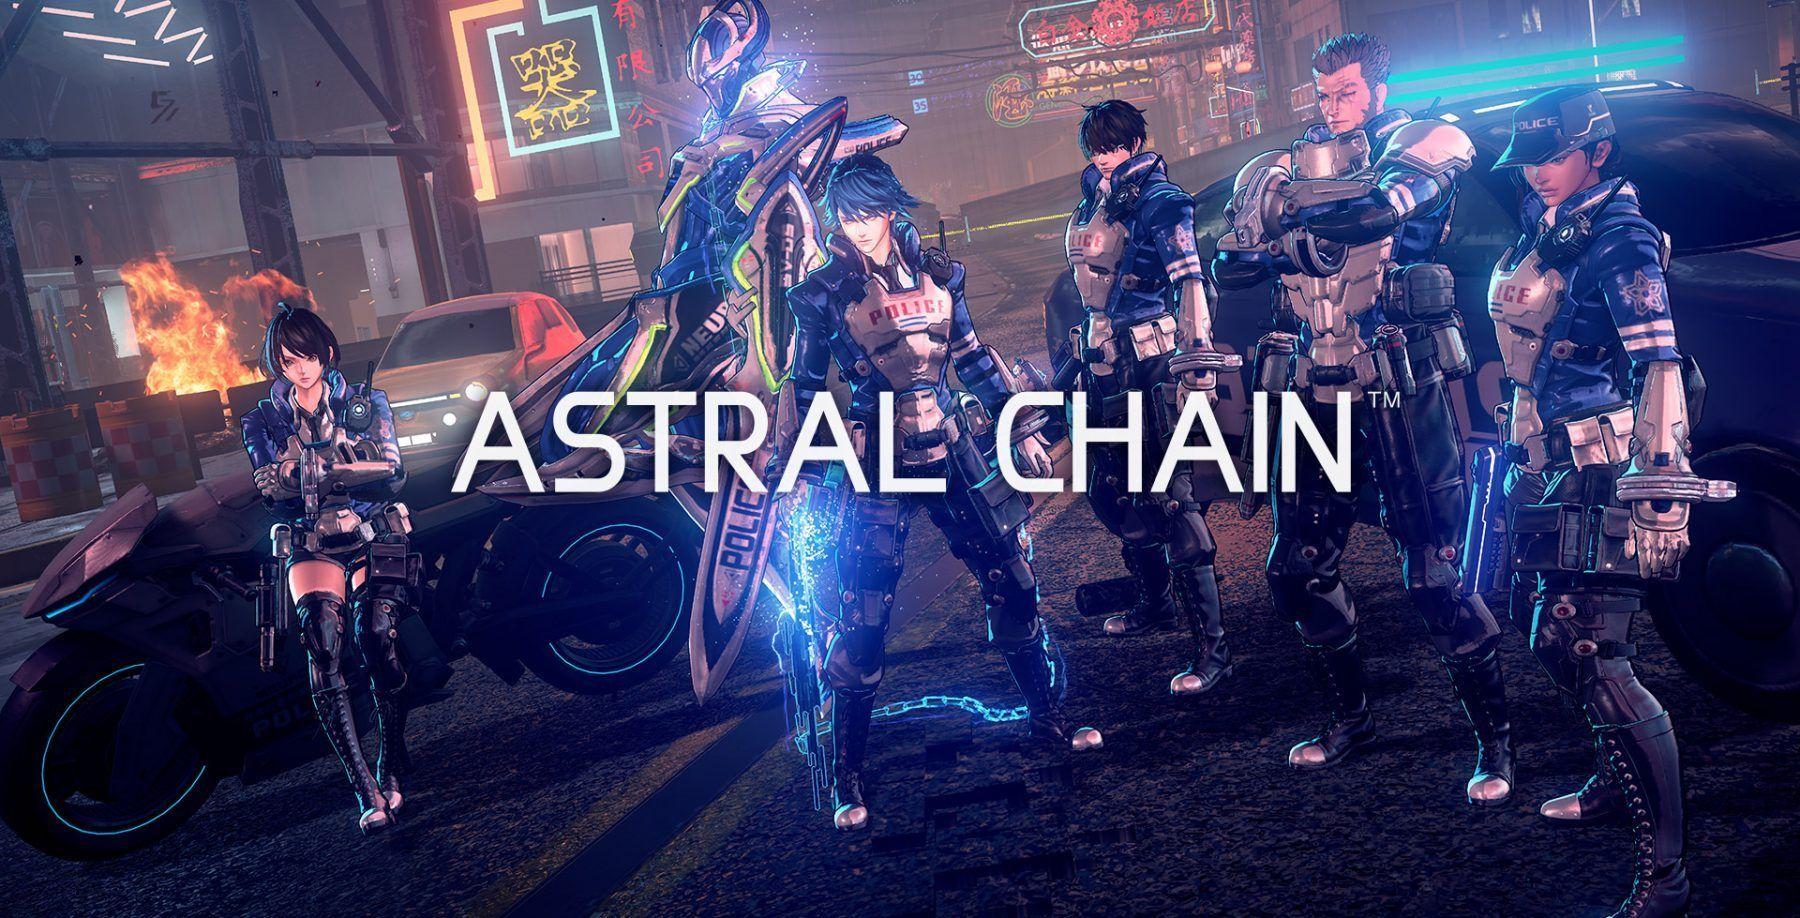 مجموعة من الصور الجديدة للعبة Astral Chain All Video Games